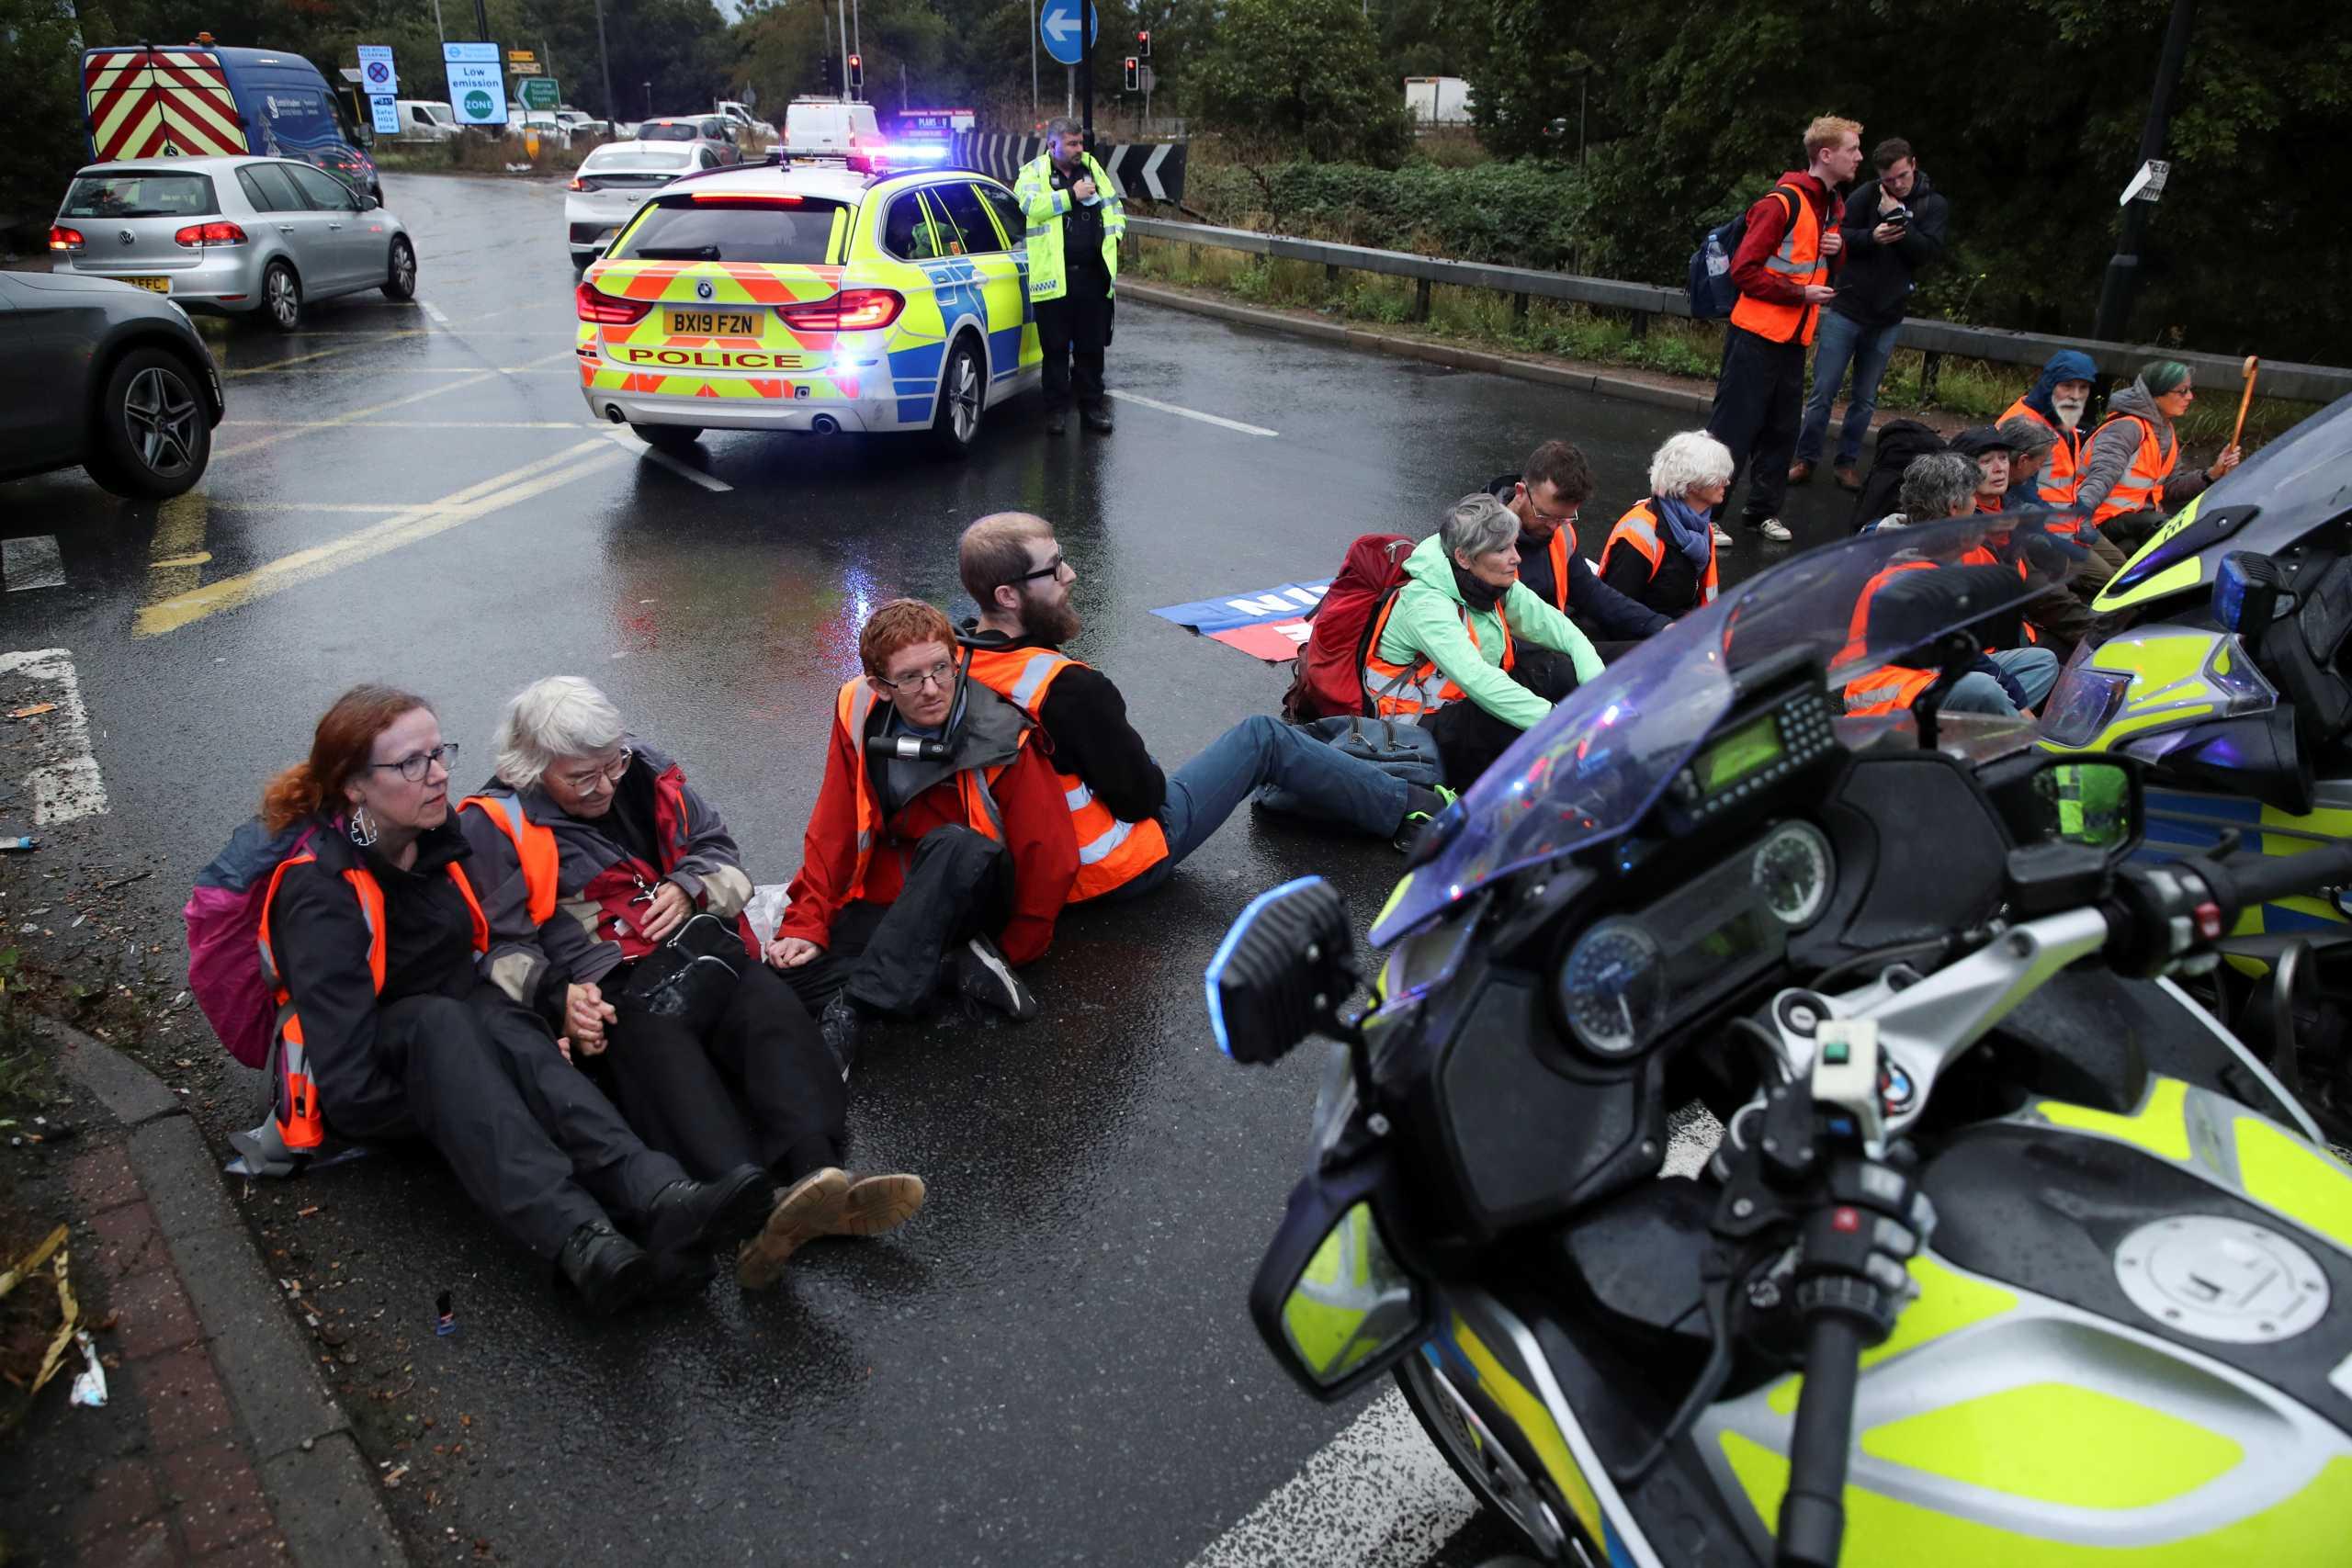 Βρετανία: 13 συλλήψεις ακτιβιστών που είχαν αποκλείσει δρόμο πρόσβασης στο αεροδρόμιο Χίθροου